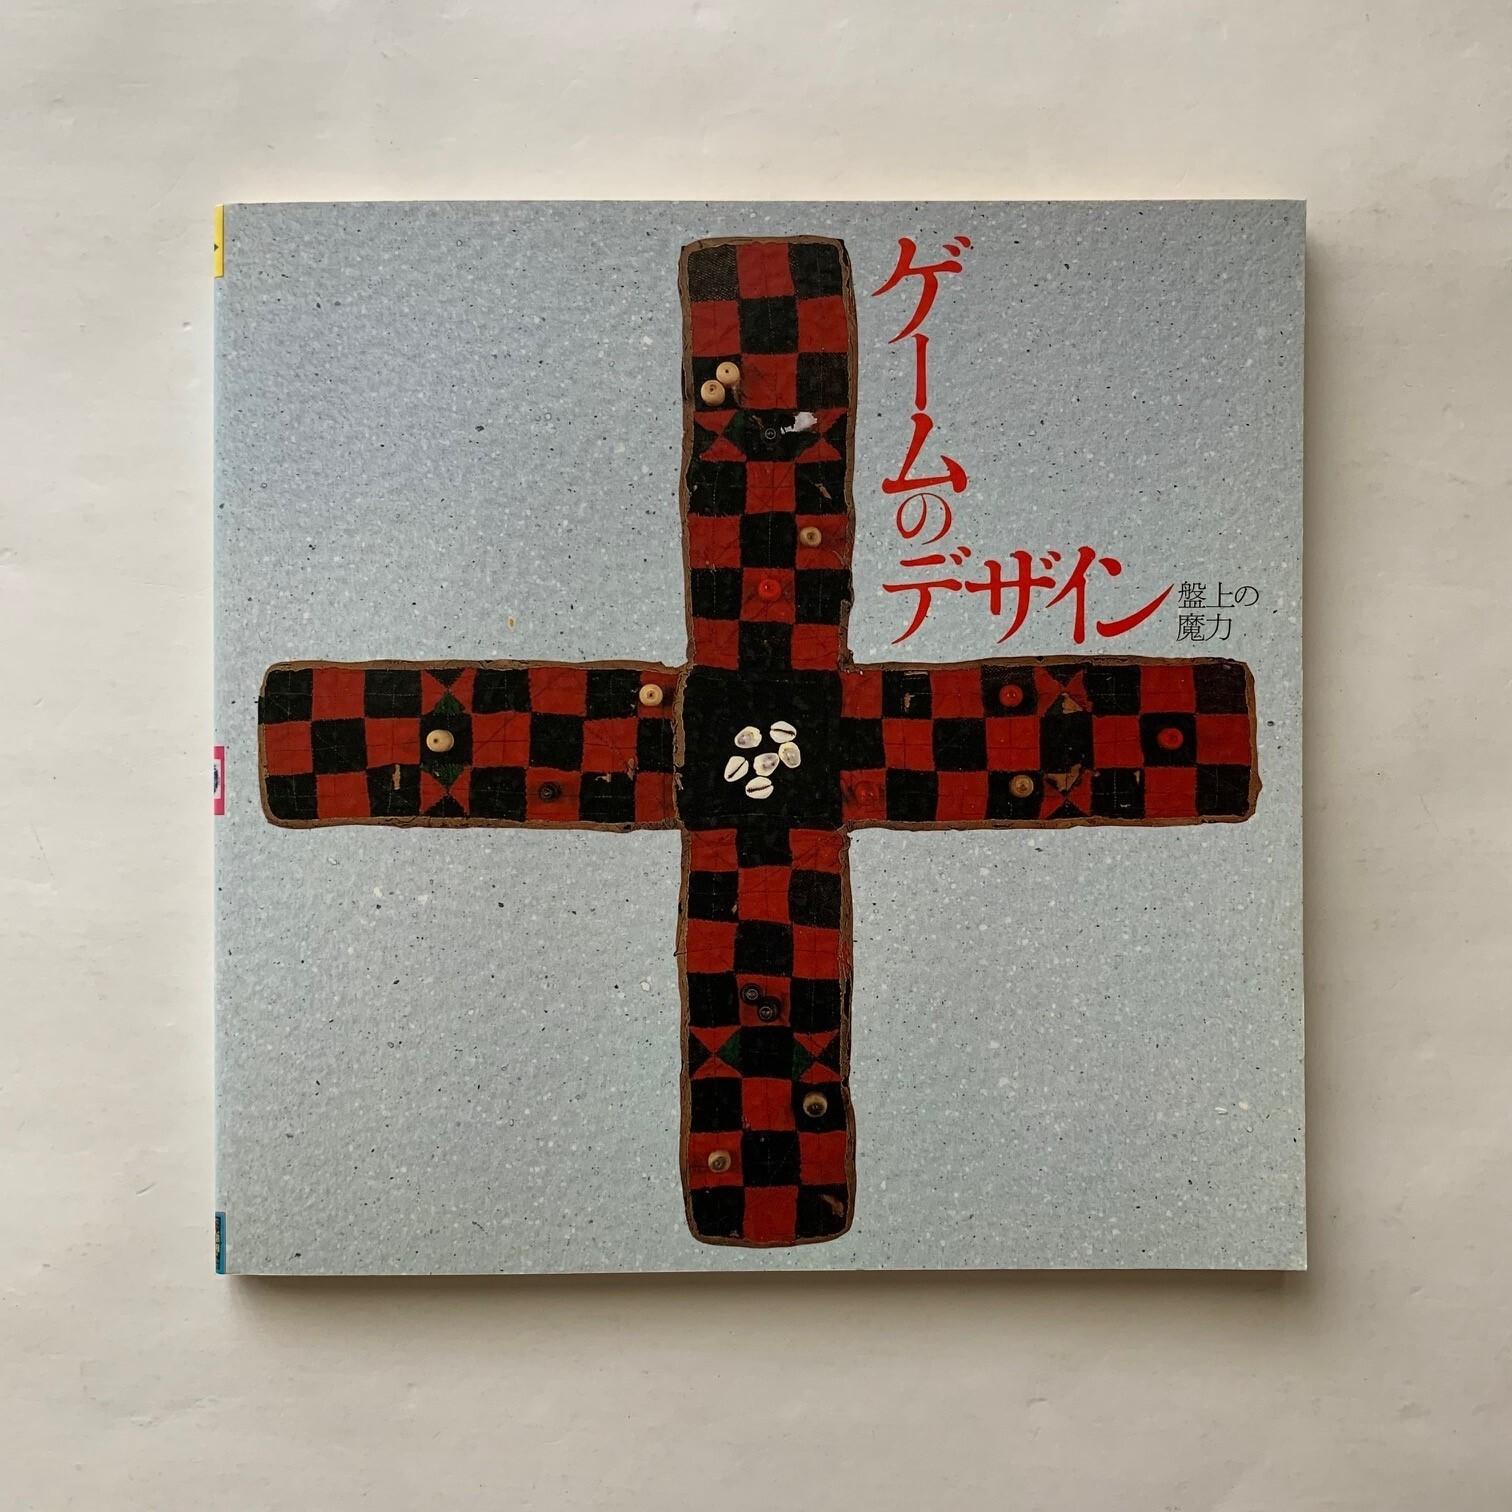 ゲームのデザイン 盤上の魔力 / INAXo